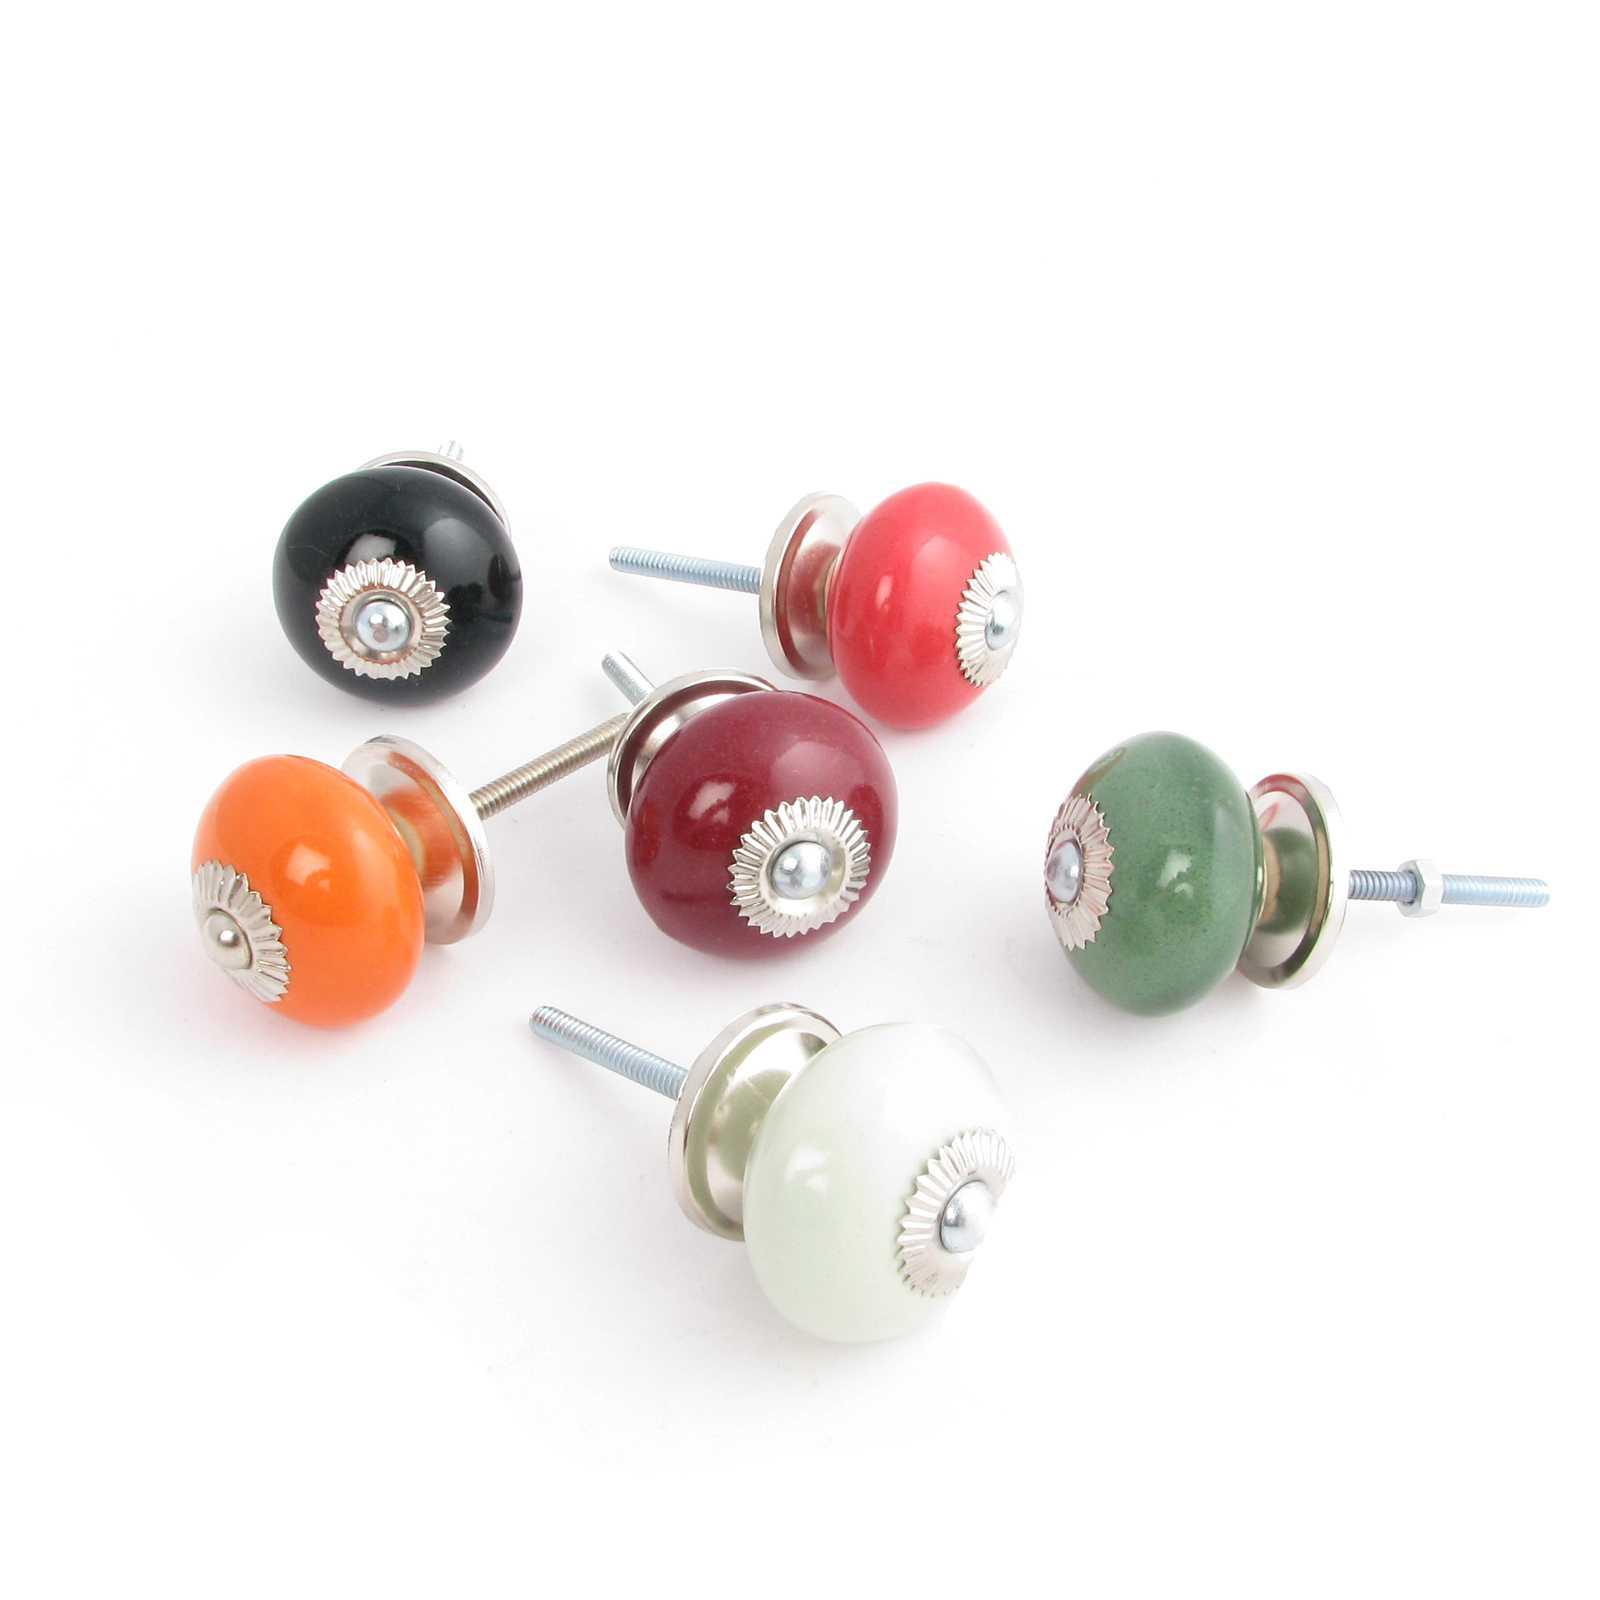 Ceramic door knobs painted decorative cabinet pulls Cabinet door knobs